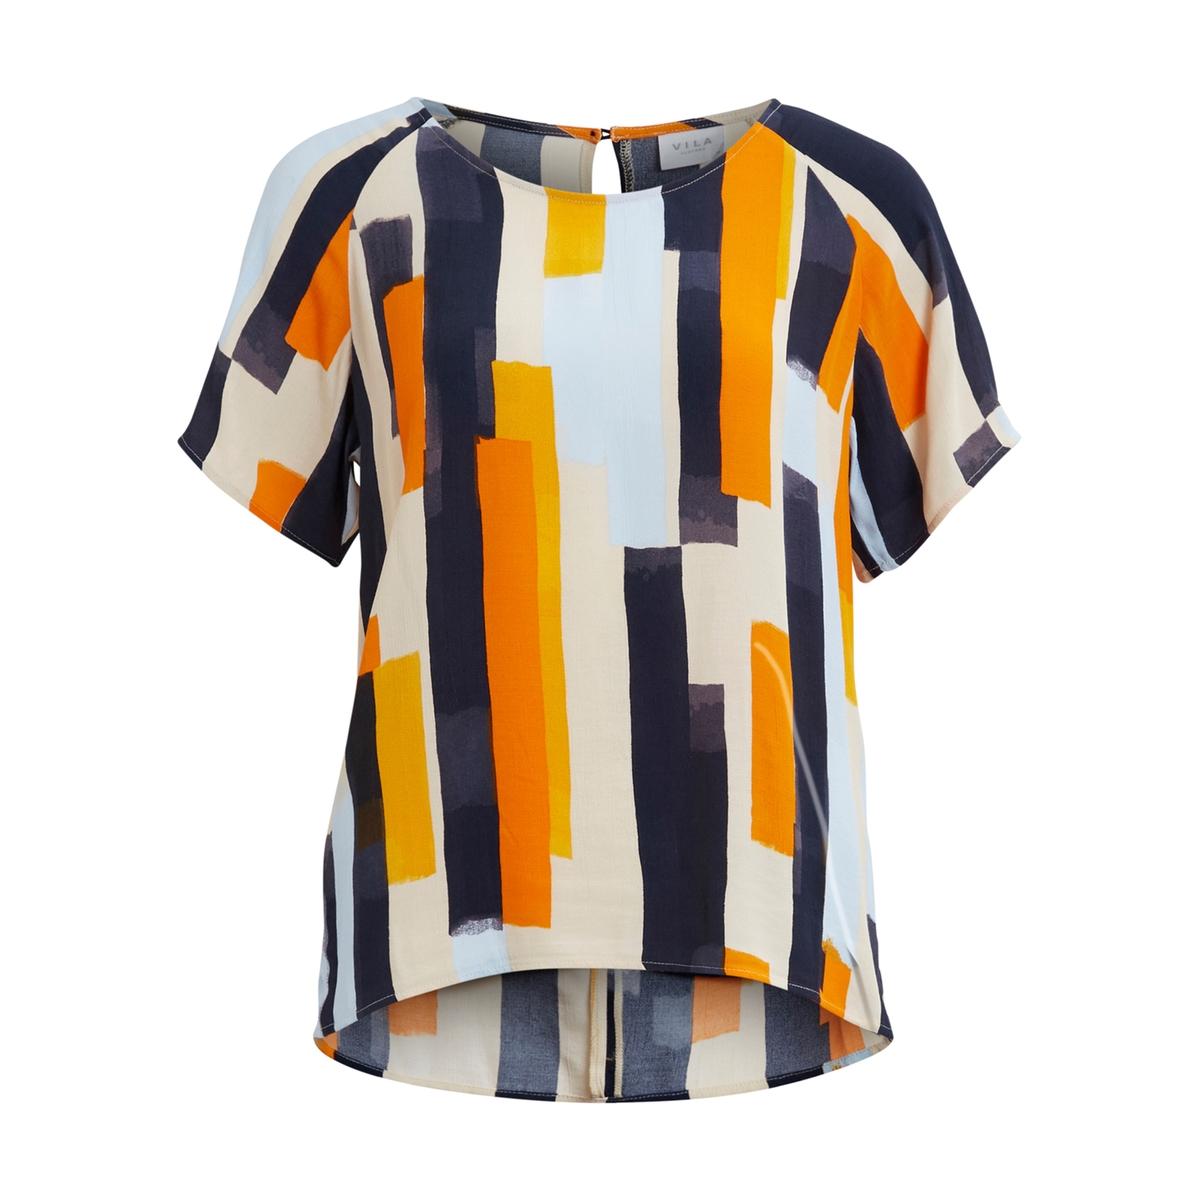 Блузка с короткими рукавамиМатериал : 100% вискоза   Покрой : прямой  Длина рукава : Короткие рукава  Форма воротника : Круглый вырез  Длина блузки : стандартная  Покрой : прямой  Рисунок : однотонная модель<br><br>Цвет: оранжевый/ синий<br>Размер: M.S